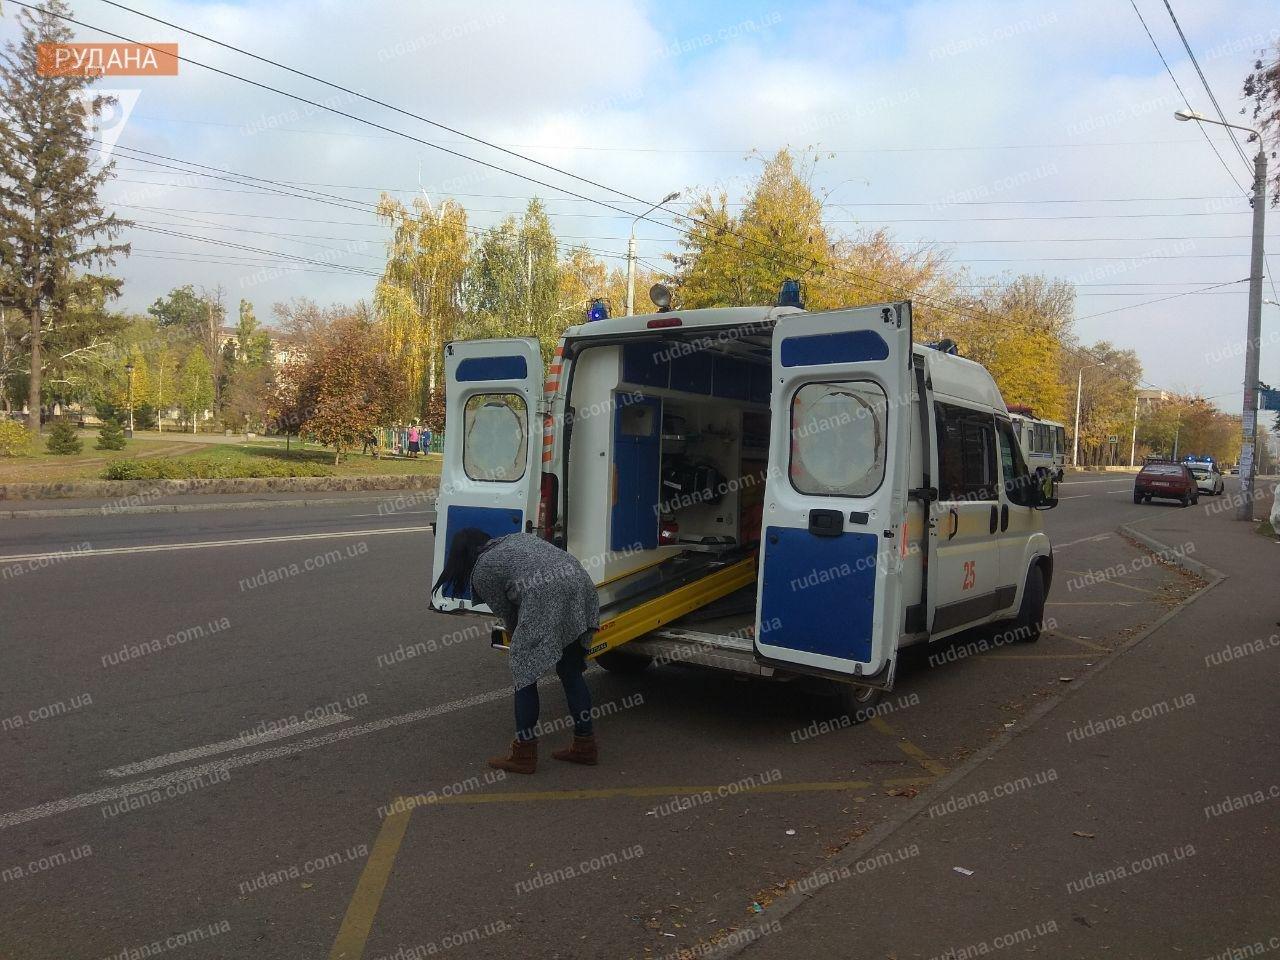 В Кривом Роге обнаженный мужчина выпал из окна, - ФОТО 18+, фото-2